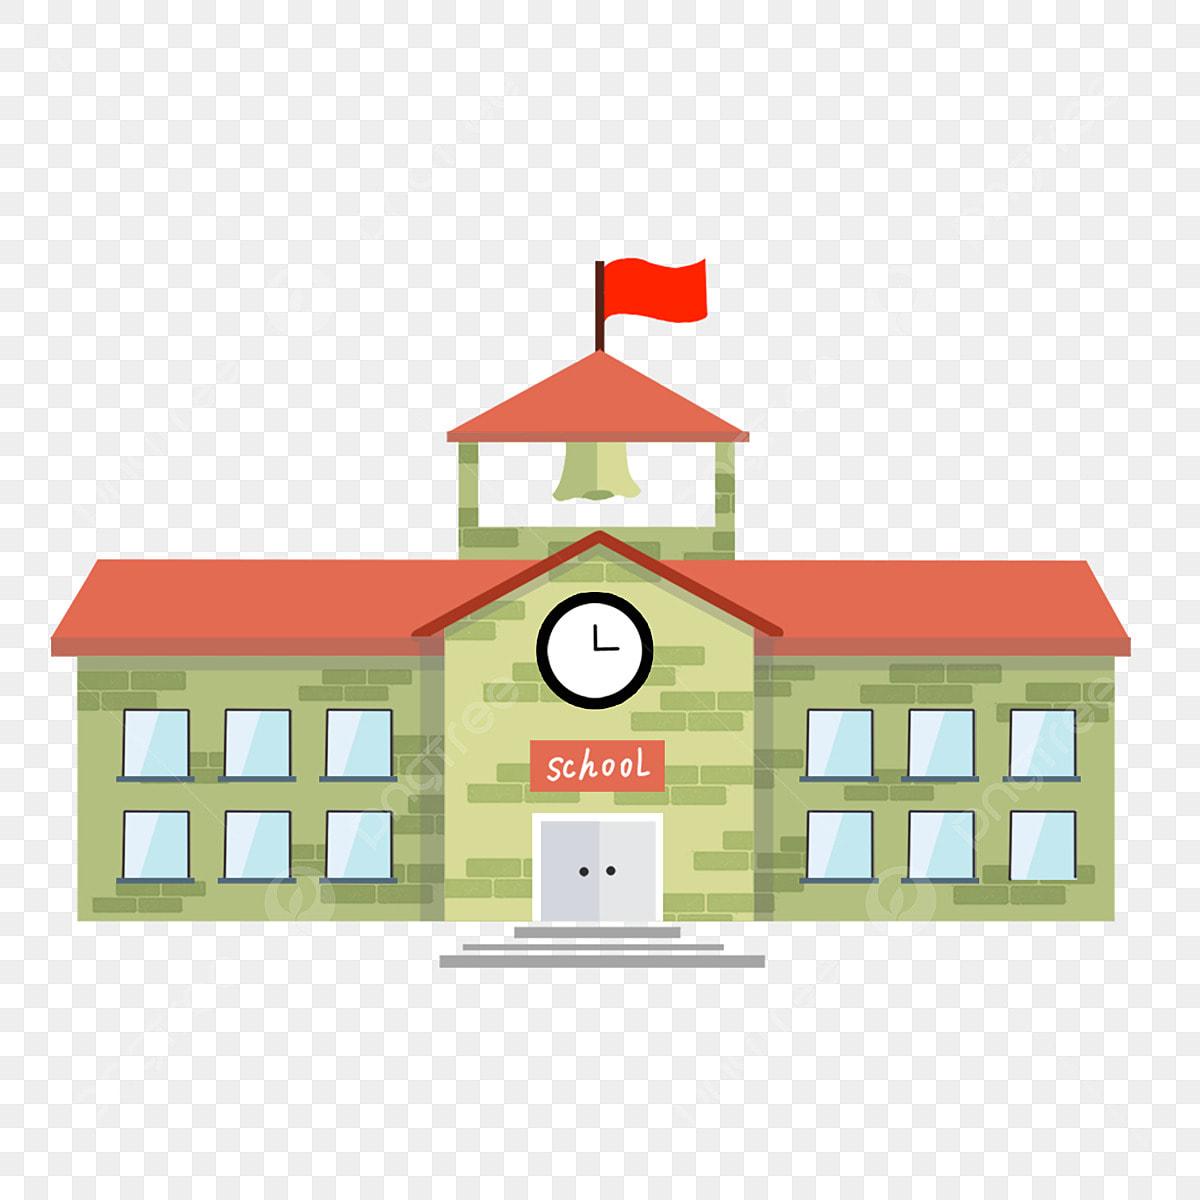 Dessin Anime Ecole Drapeau Ecole Clipart De L Ecole Dessin Anime Ecole Fichier Png Et Psd Pour Le Telechargement Libre